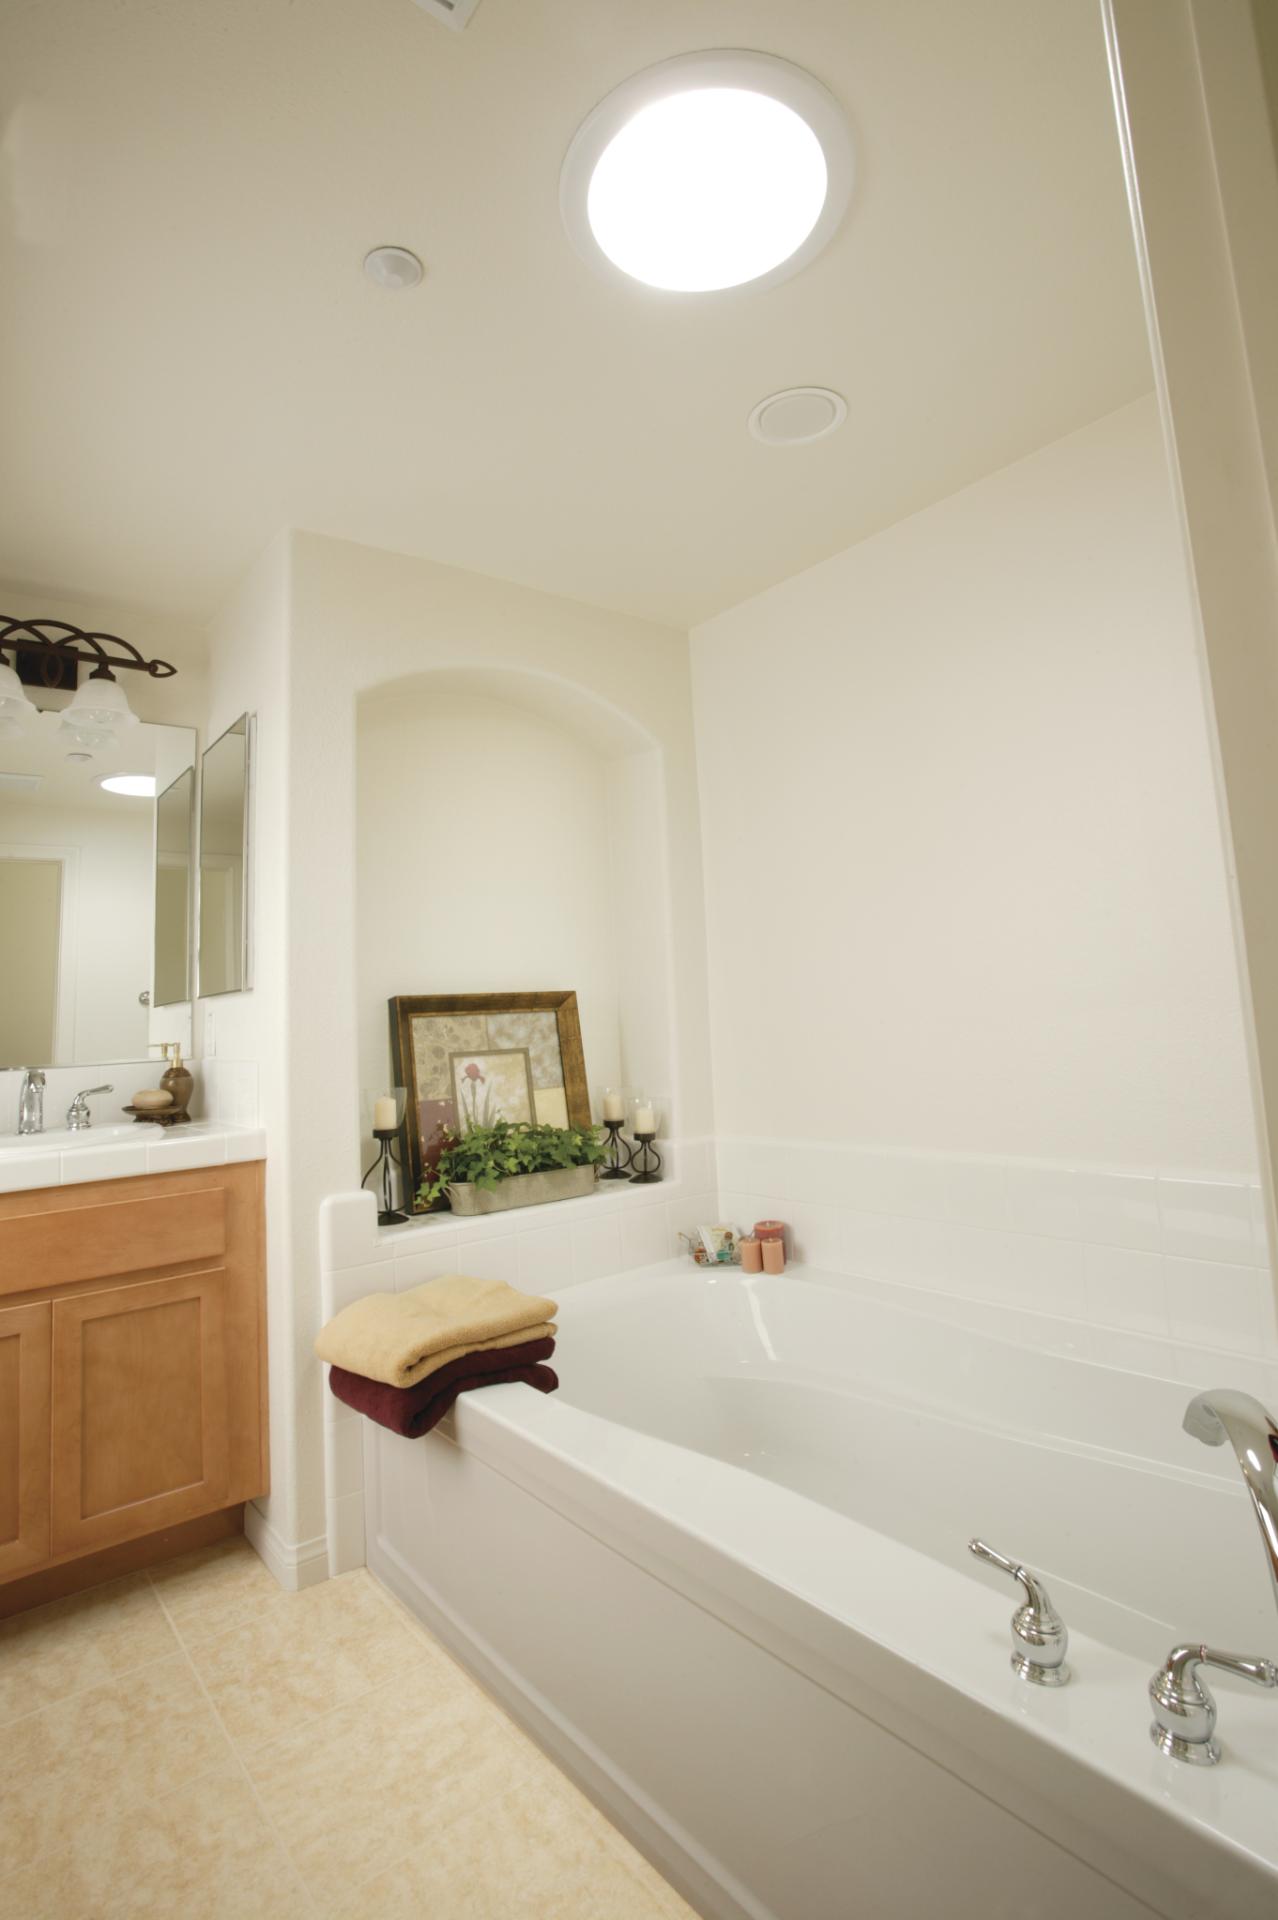 No Ventilation In Bathroom